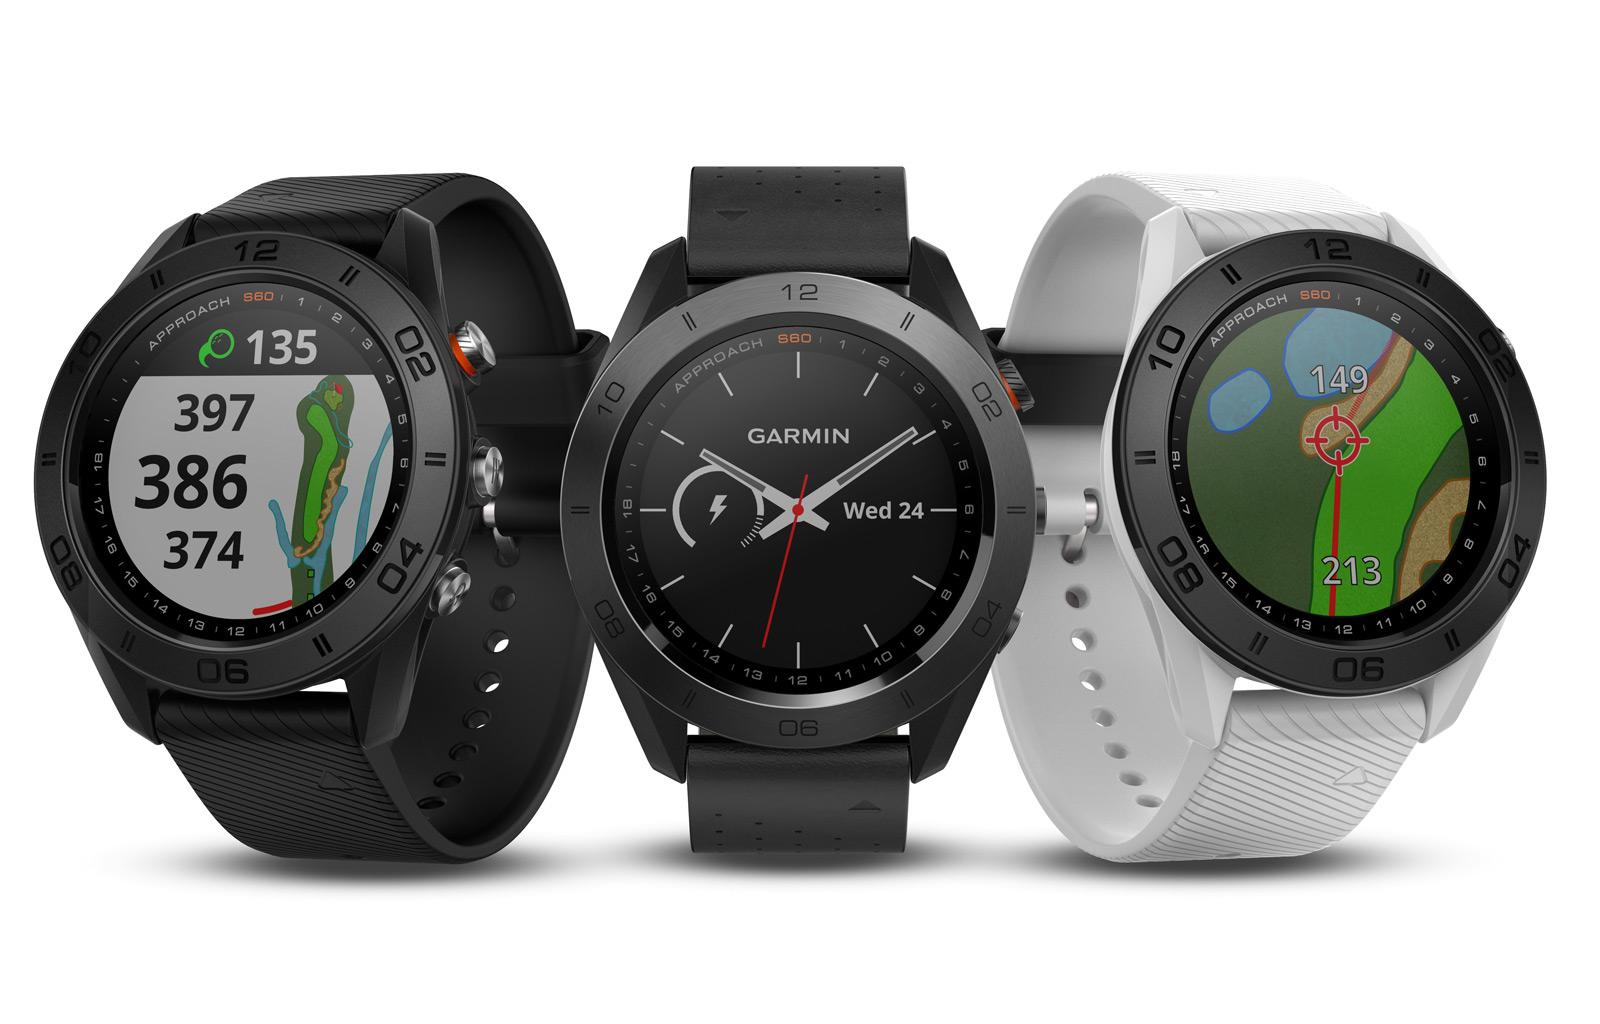 Approach S60. Designově vycházejí hodinky Approach S60 z modelu Fénix 5 ... 4e8d7b1cb8